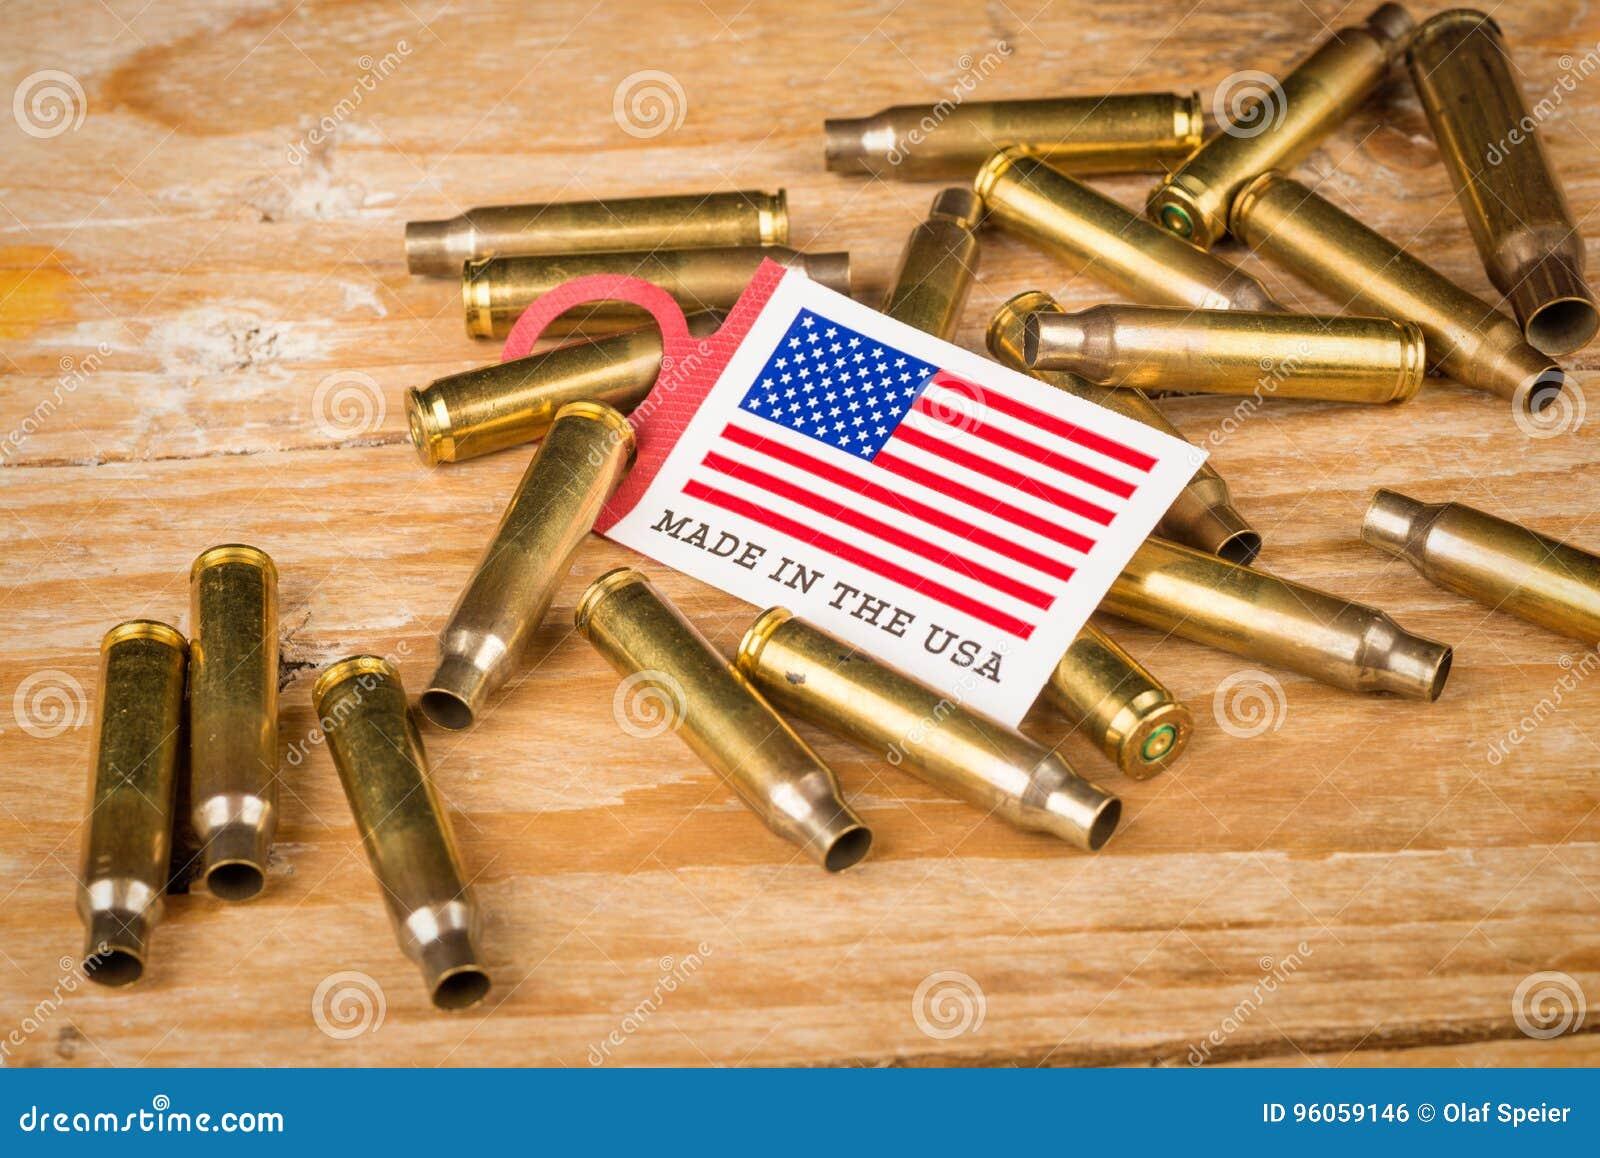 Coquilles de balle et drapeau des USA